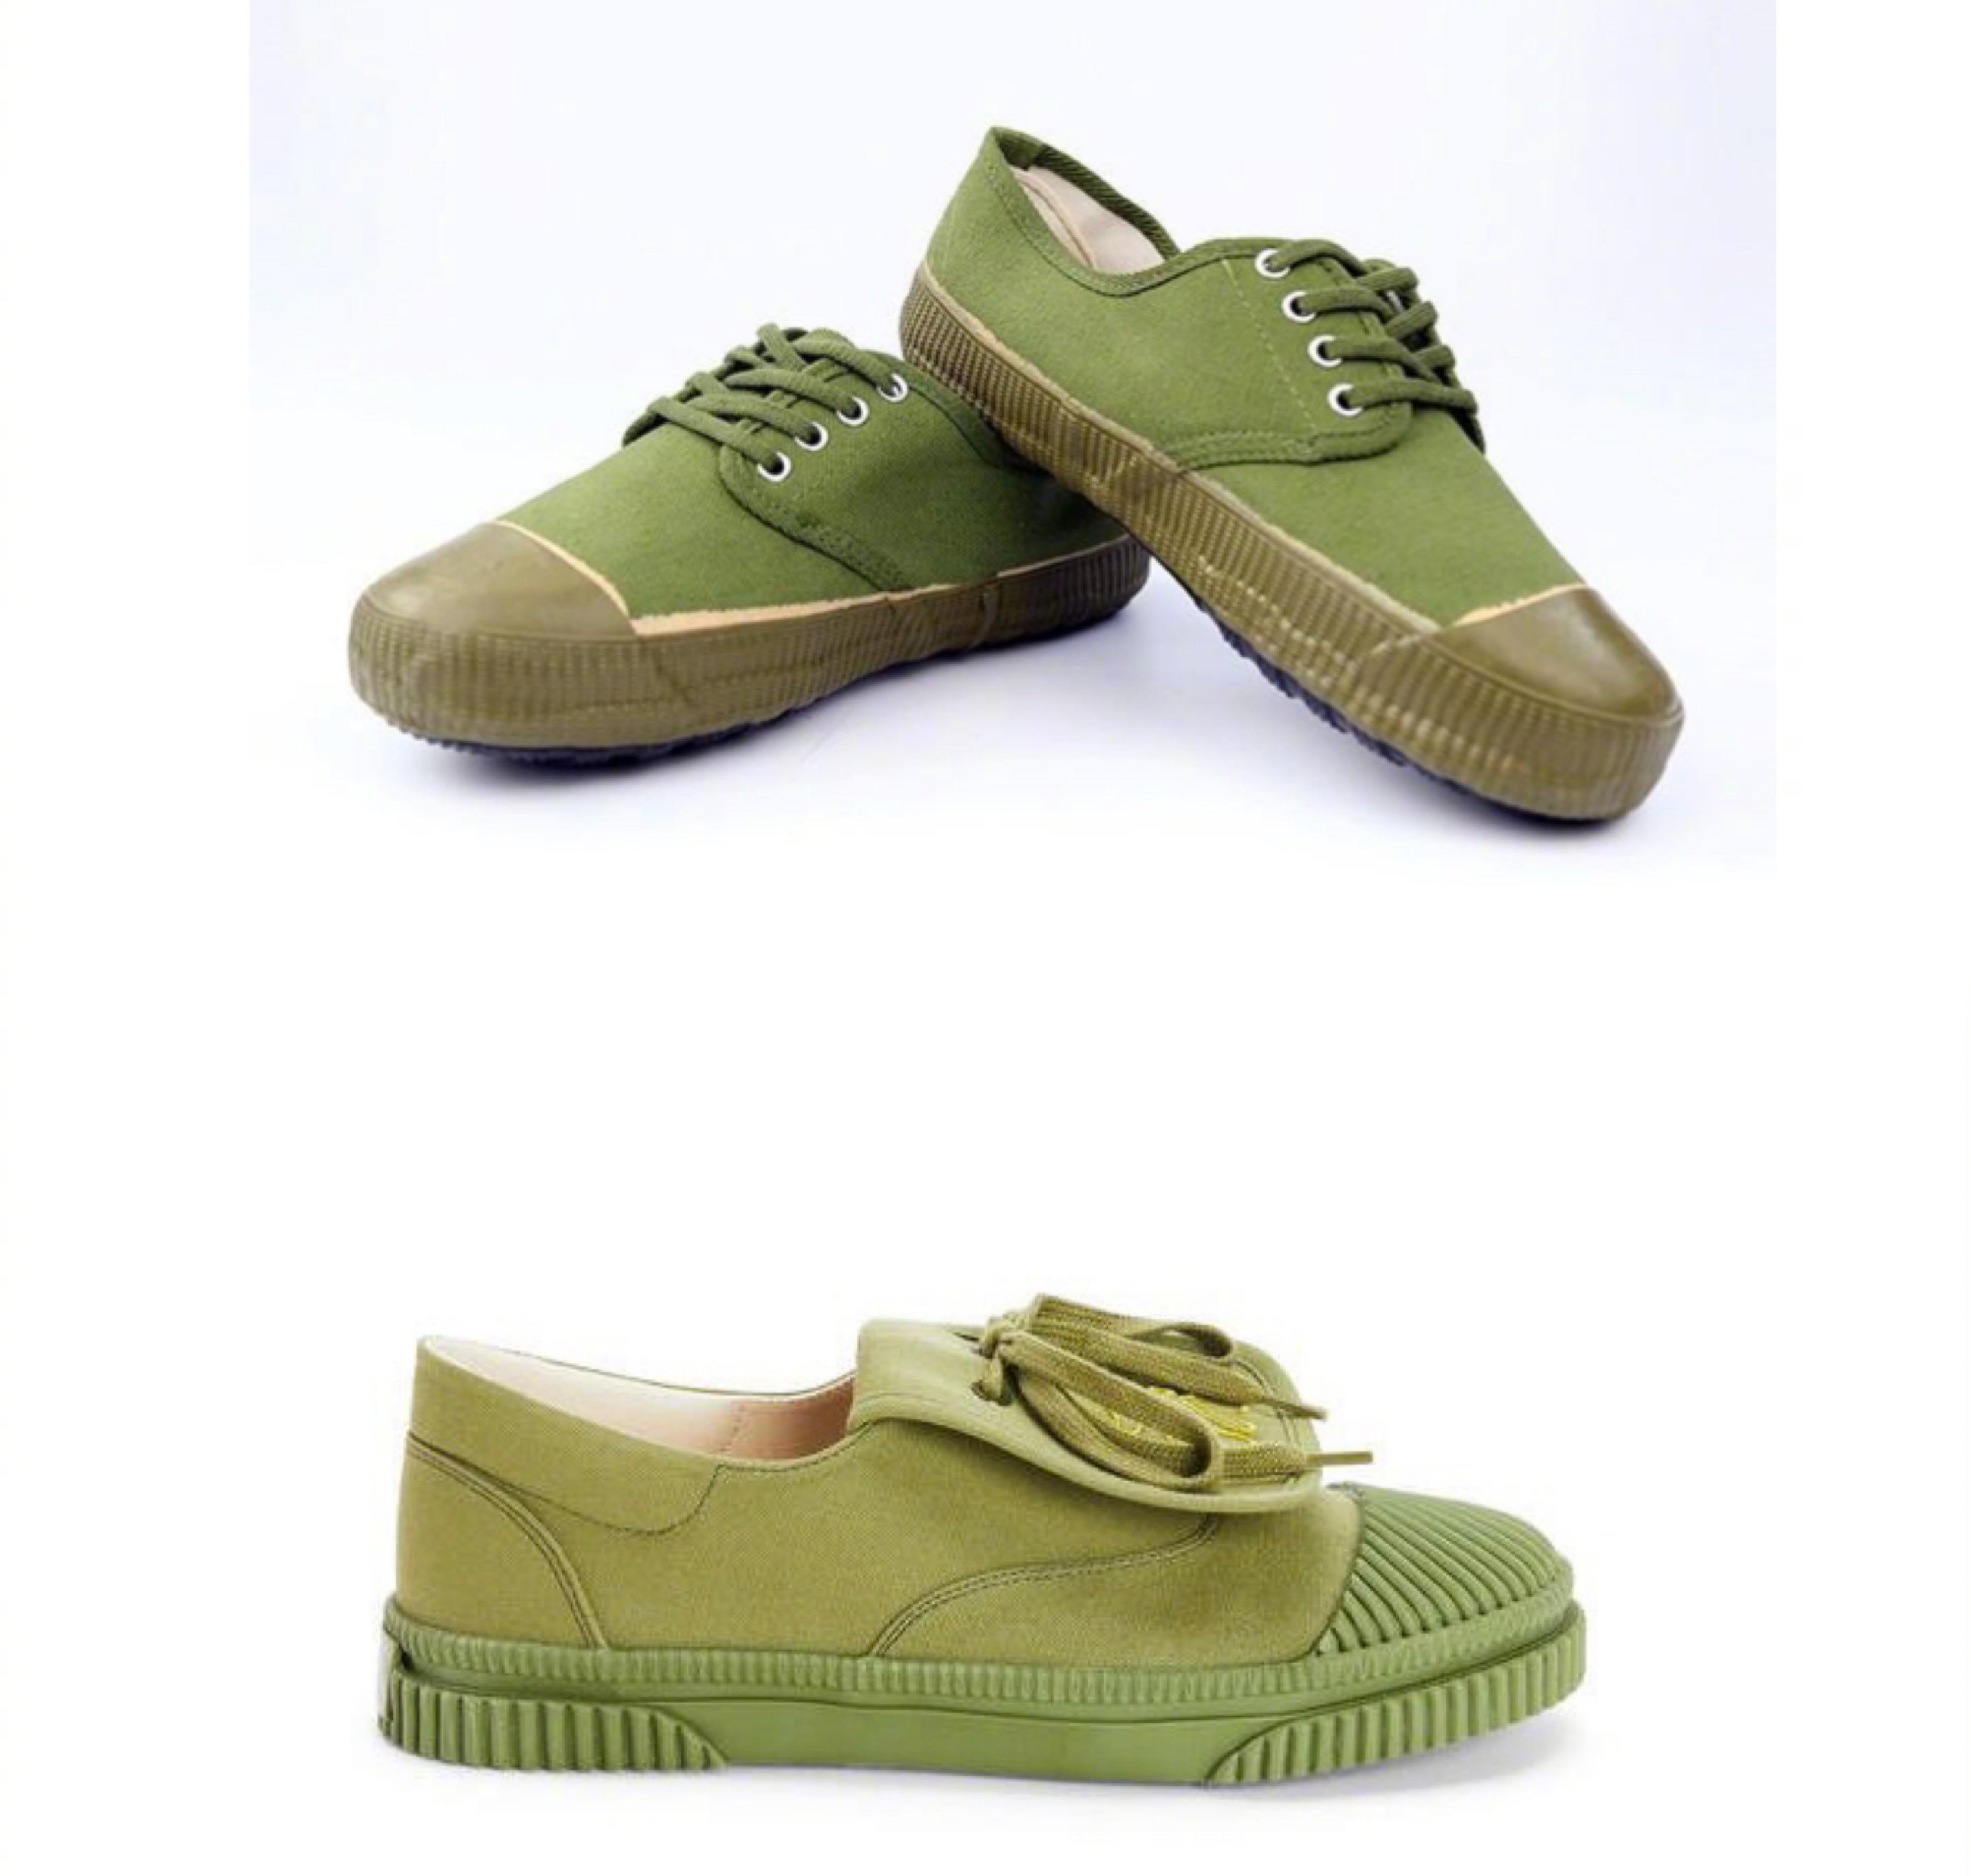 上:解放鞋 下:Loewe运动鞋